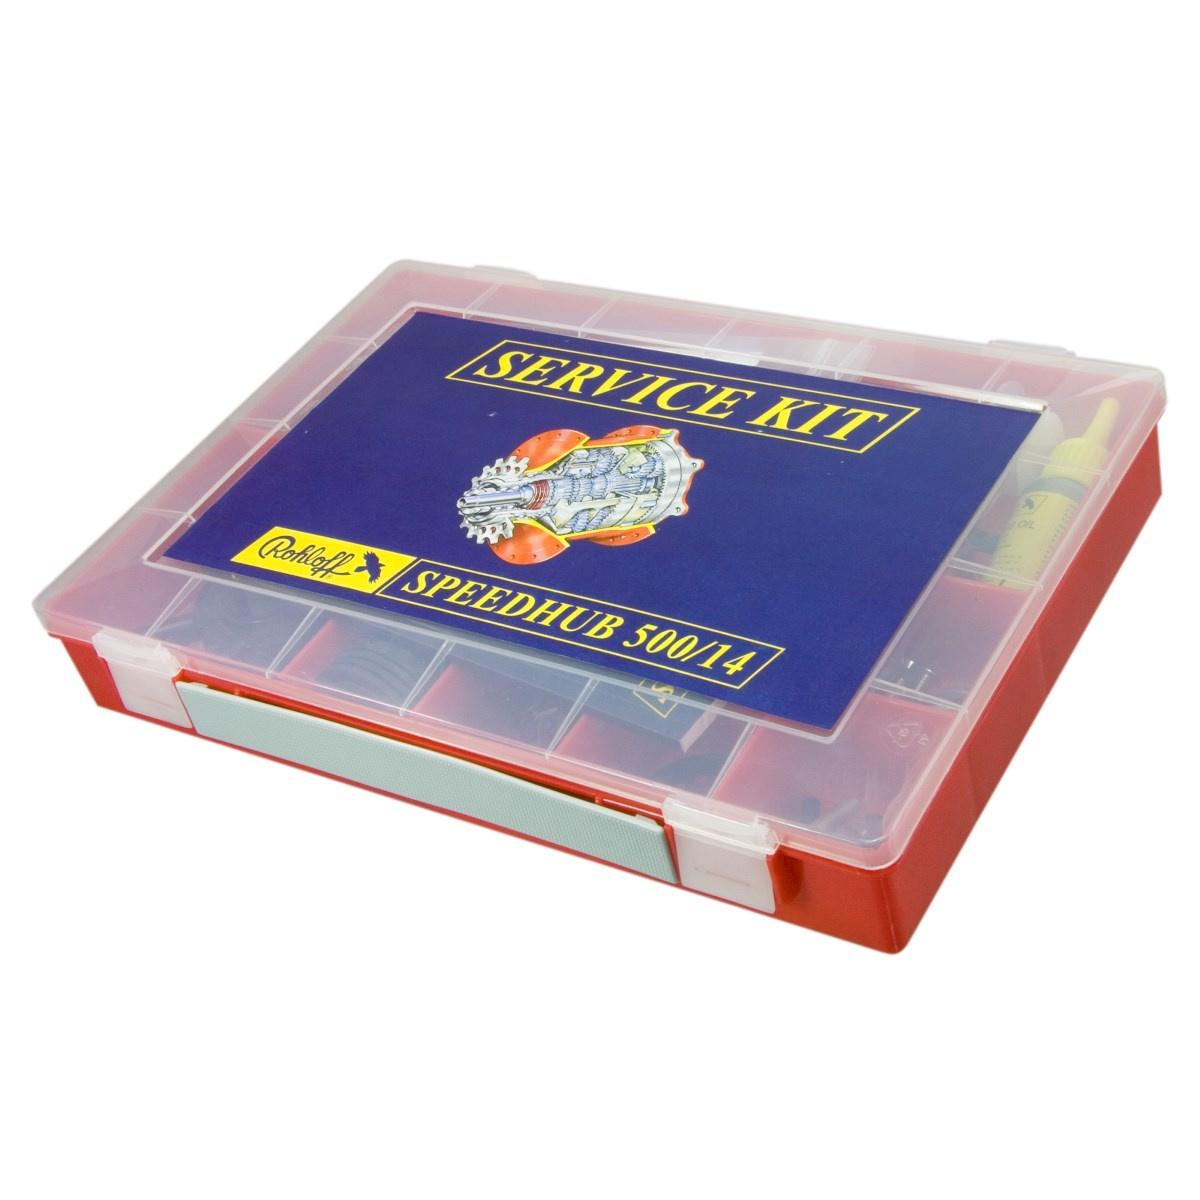 ROHLOFF Schellenband für Schnellverschluss Drehmomentstütze Nr.8262 Speedhub